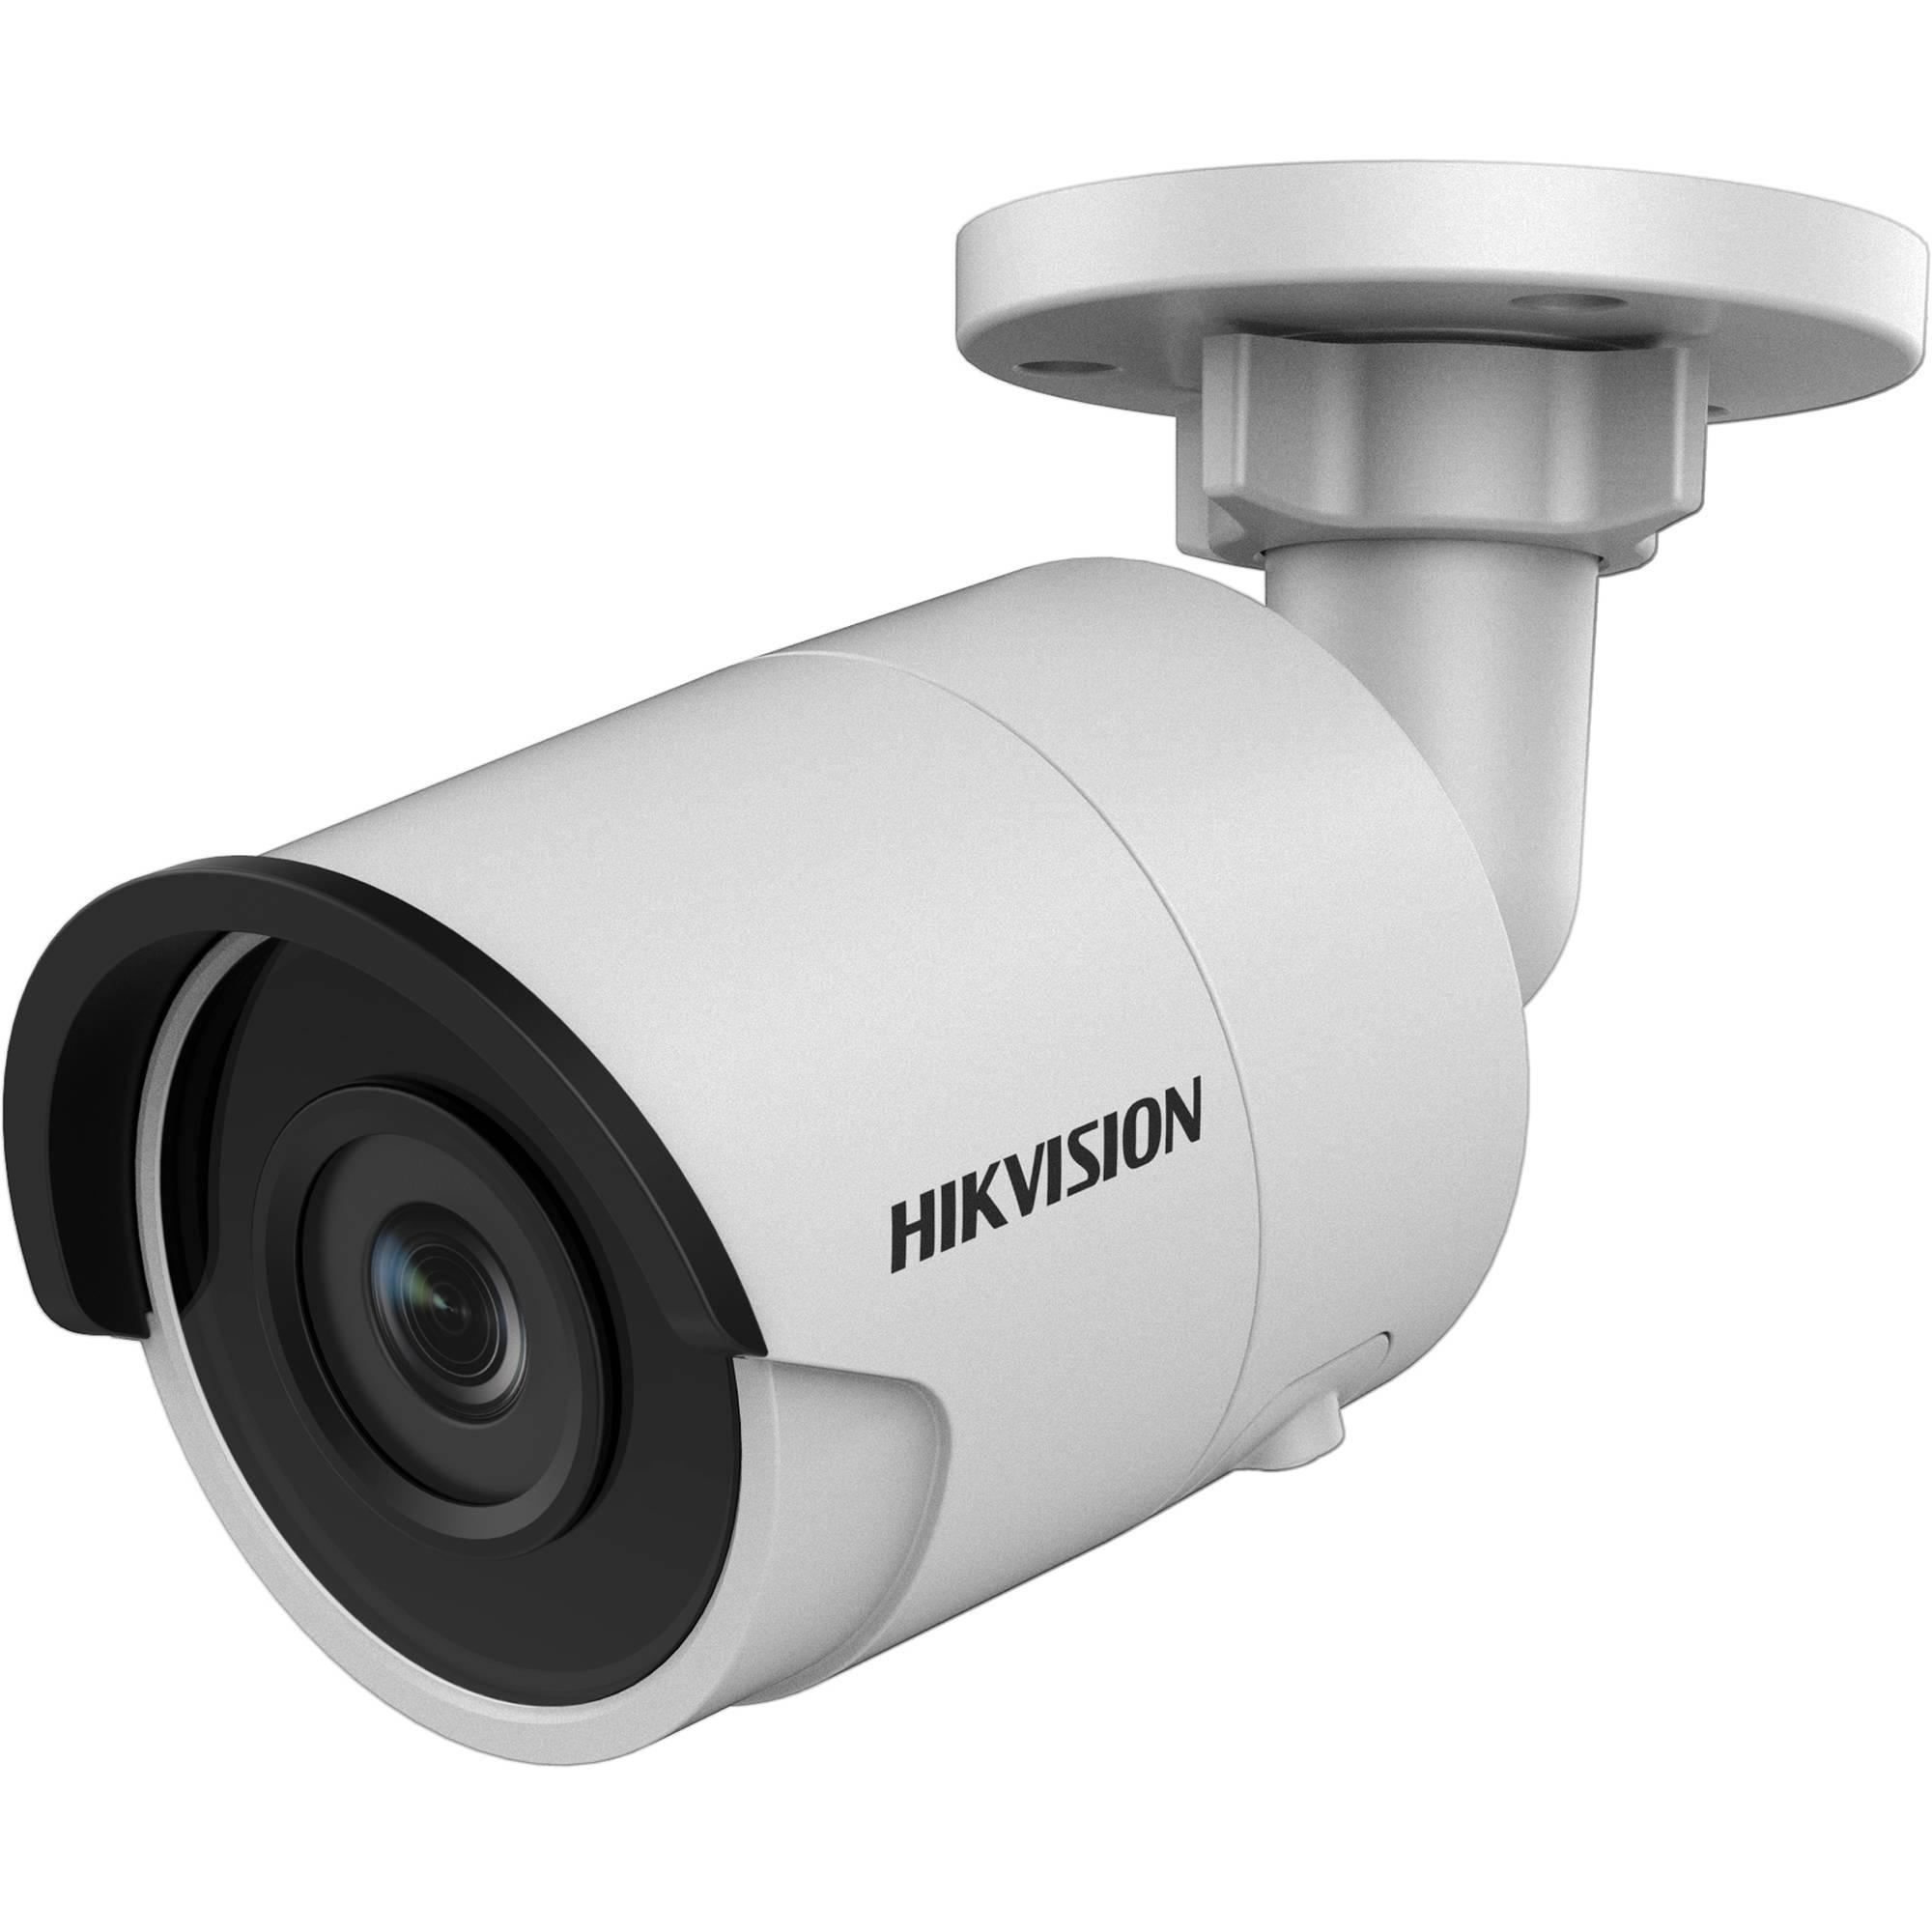 Hikvision DS-2CD2045FWD-I(6mm)